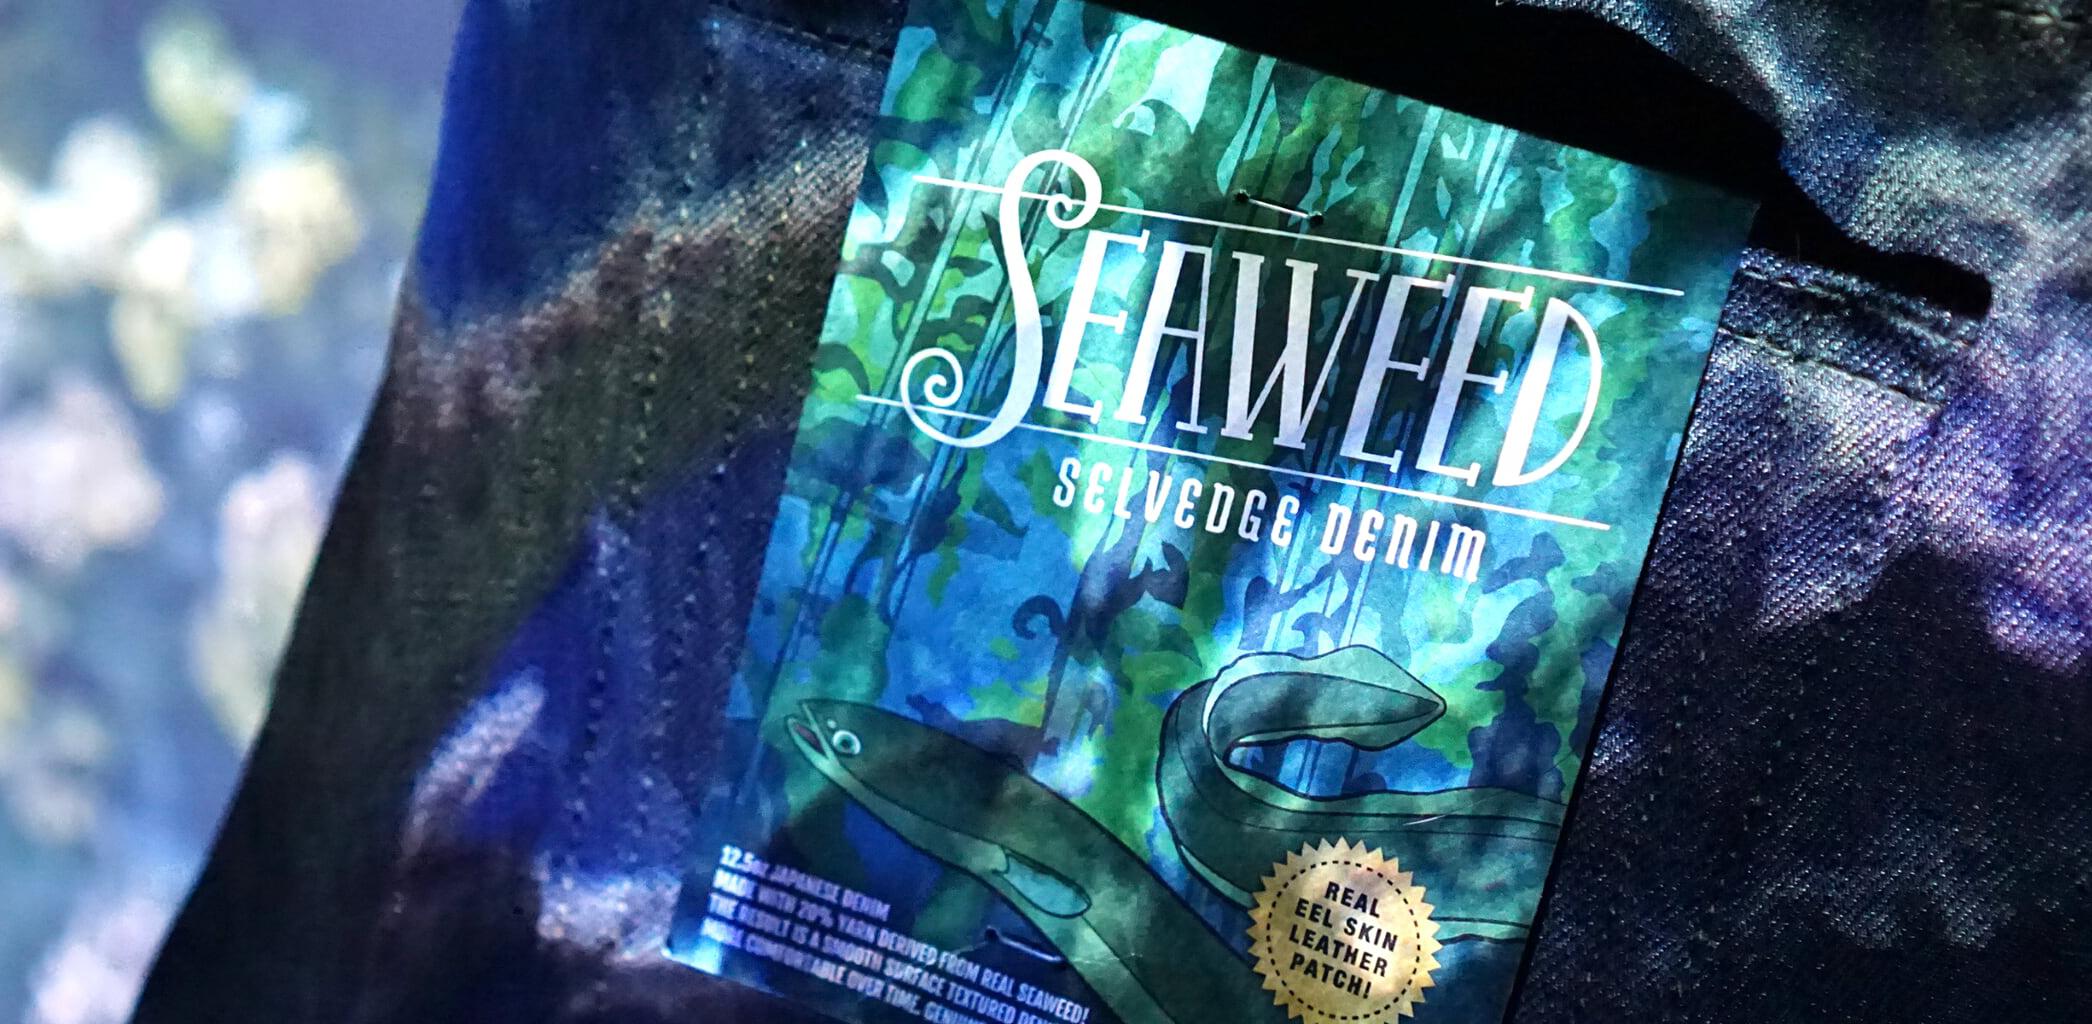 Seaweed selvedge denim under water vibe